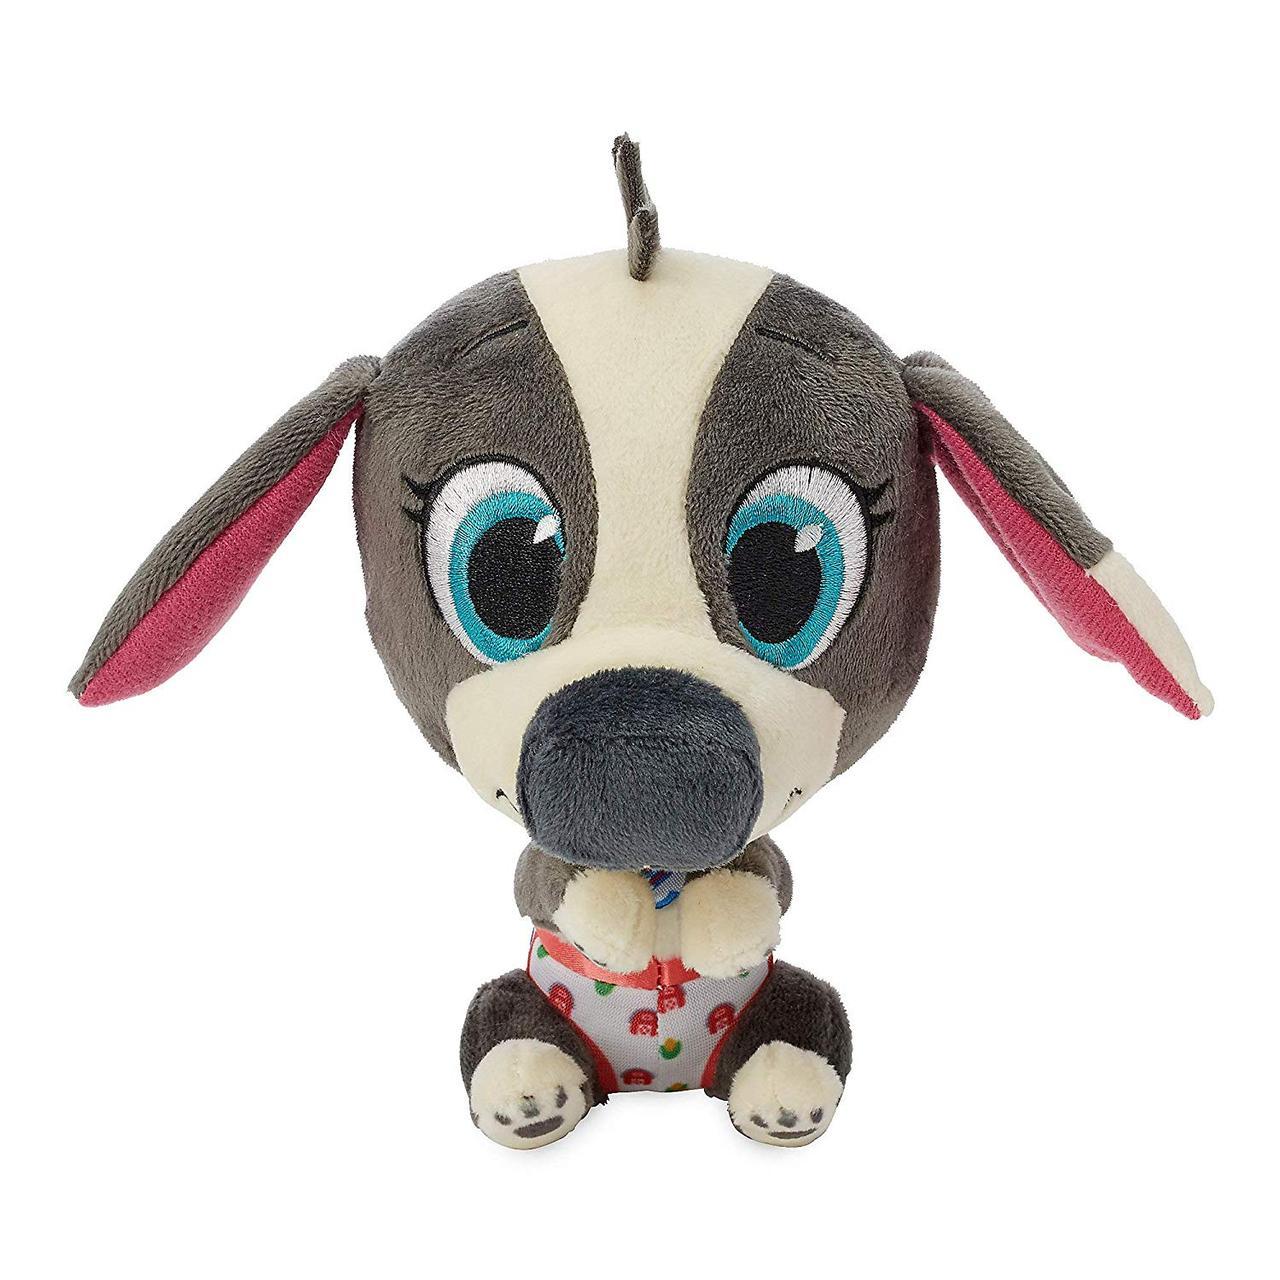 Disney Мягкая игрушка щенок Пабло 14см - ПУПС: Поставка Уникальных Подарков Семьям